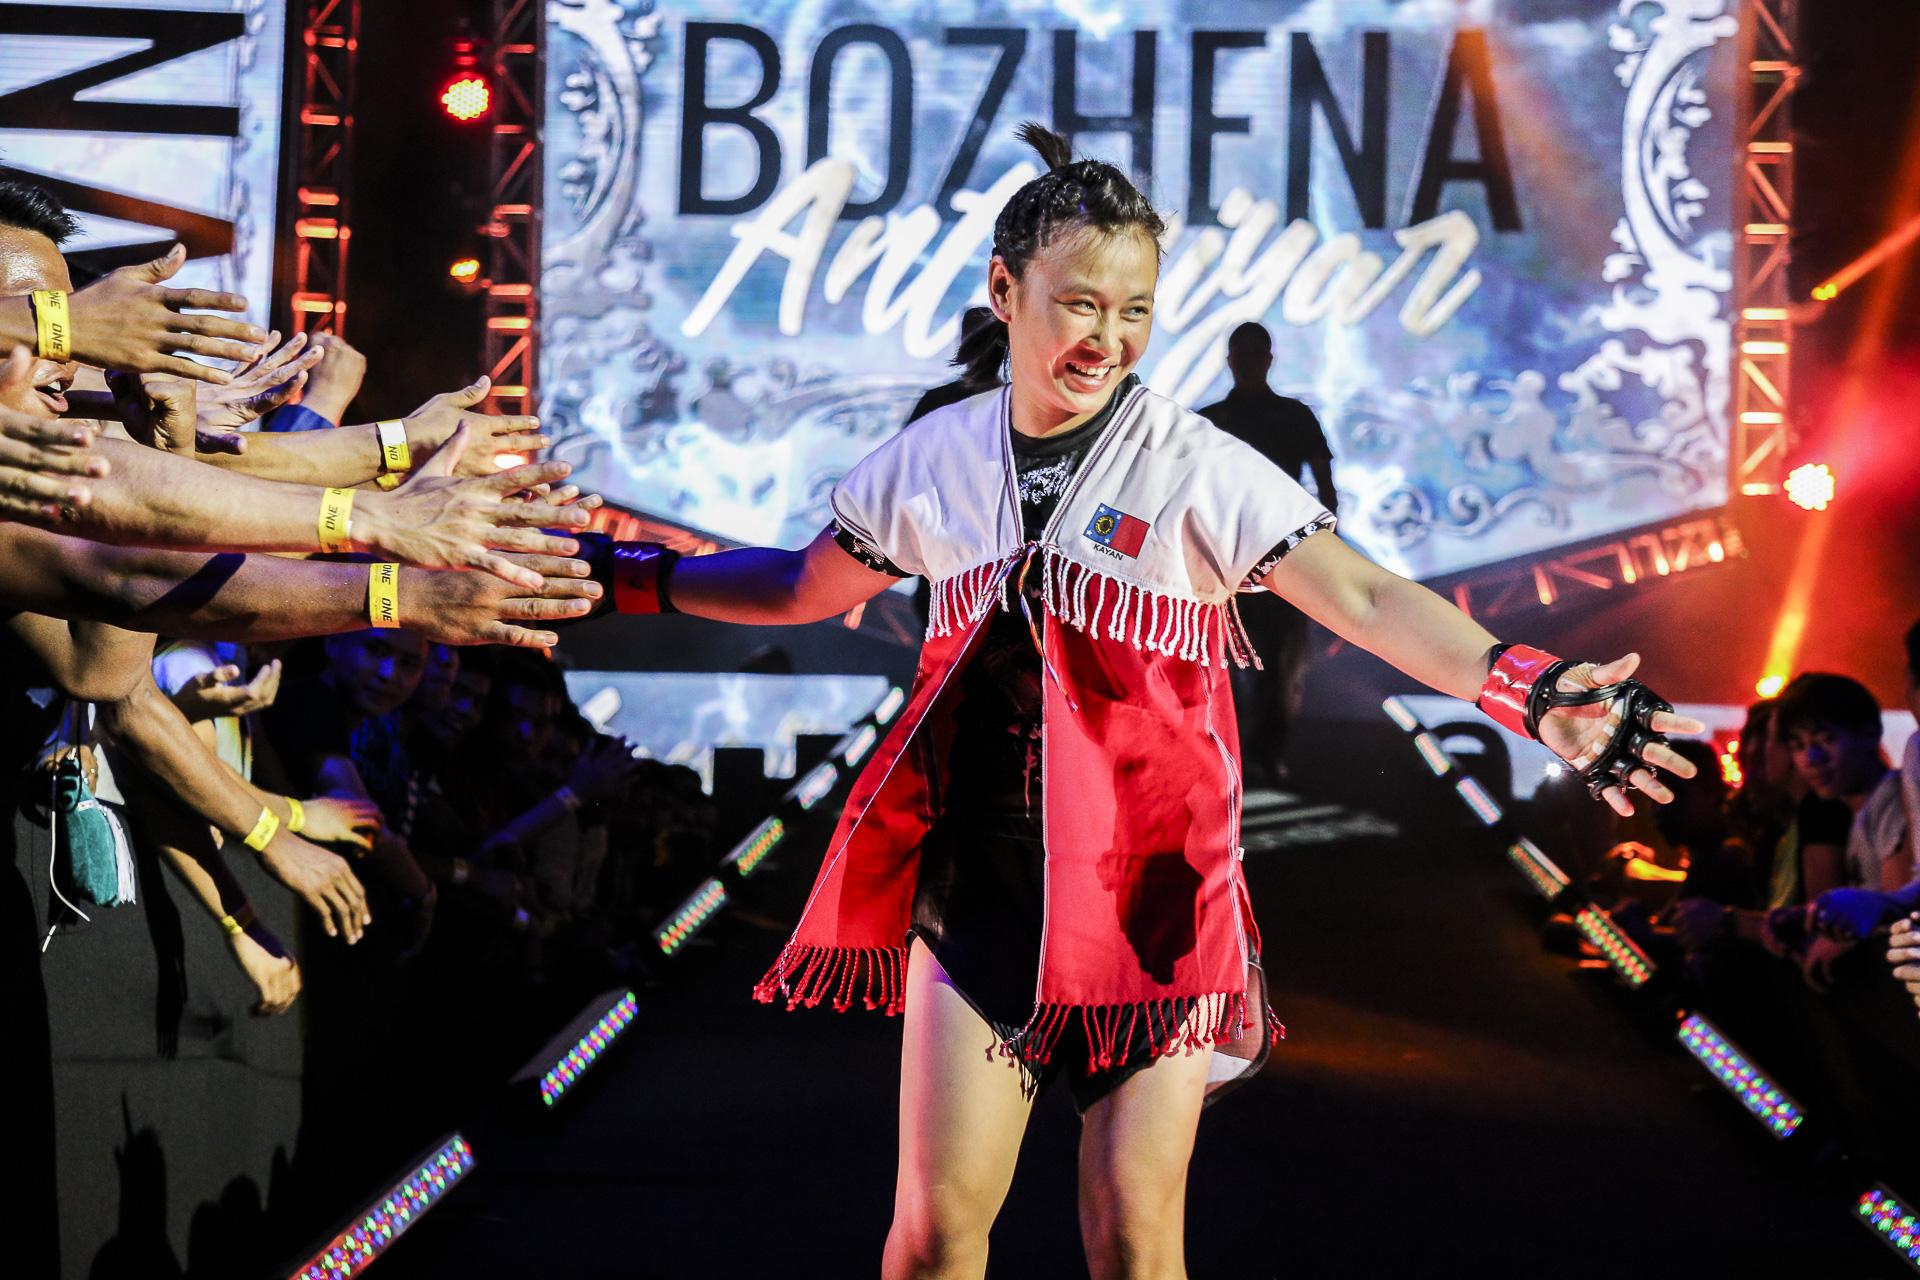 Image result for Bozhena Antoniyar